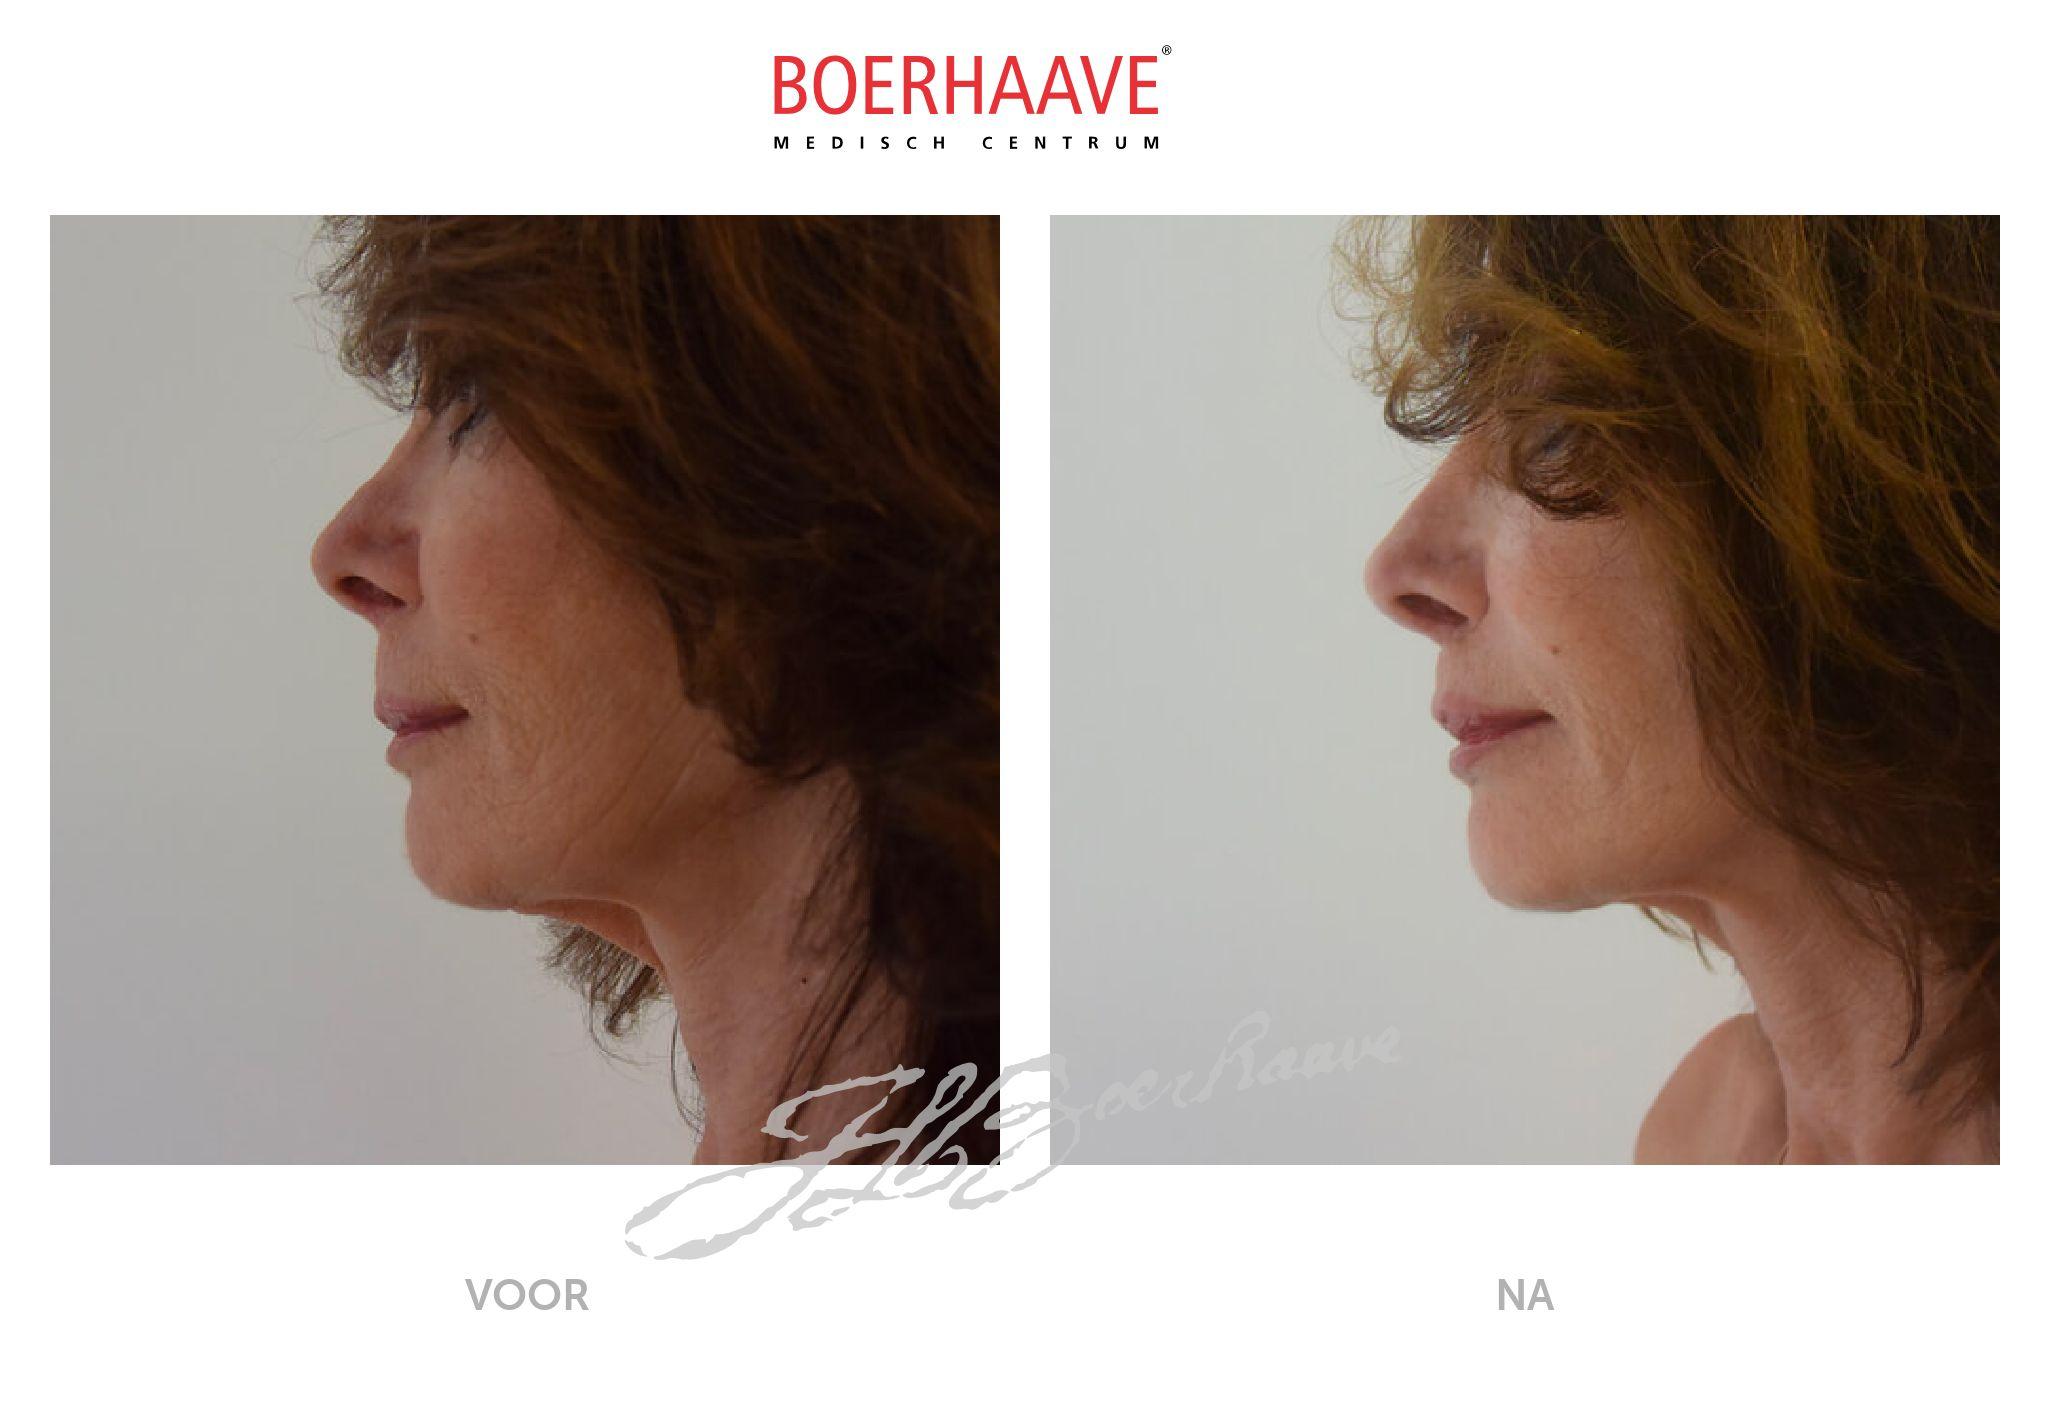 Voor na foto van face-halslift behandeling